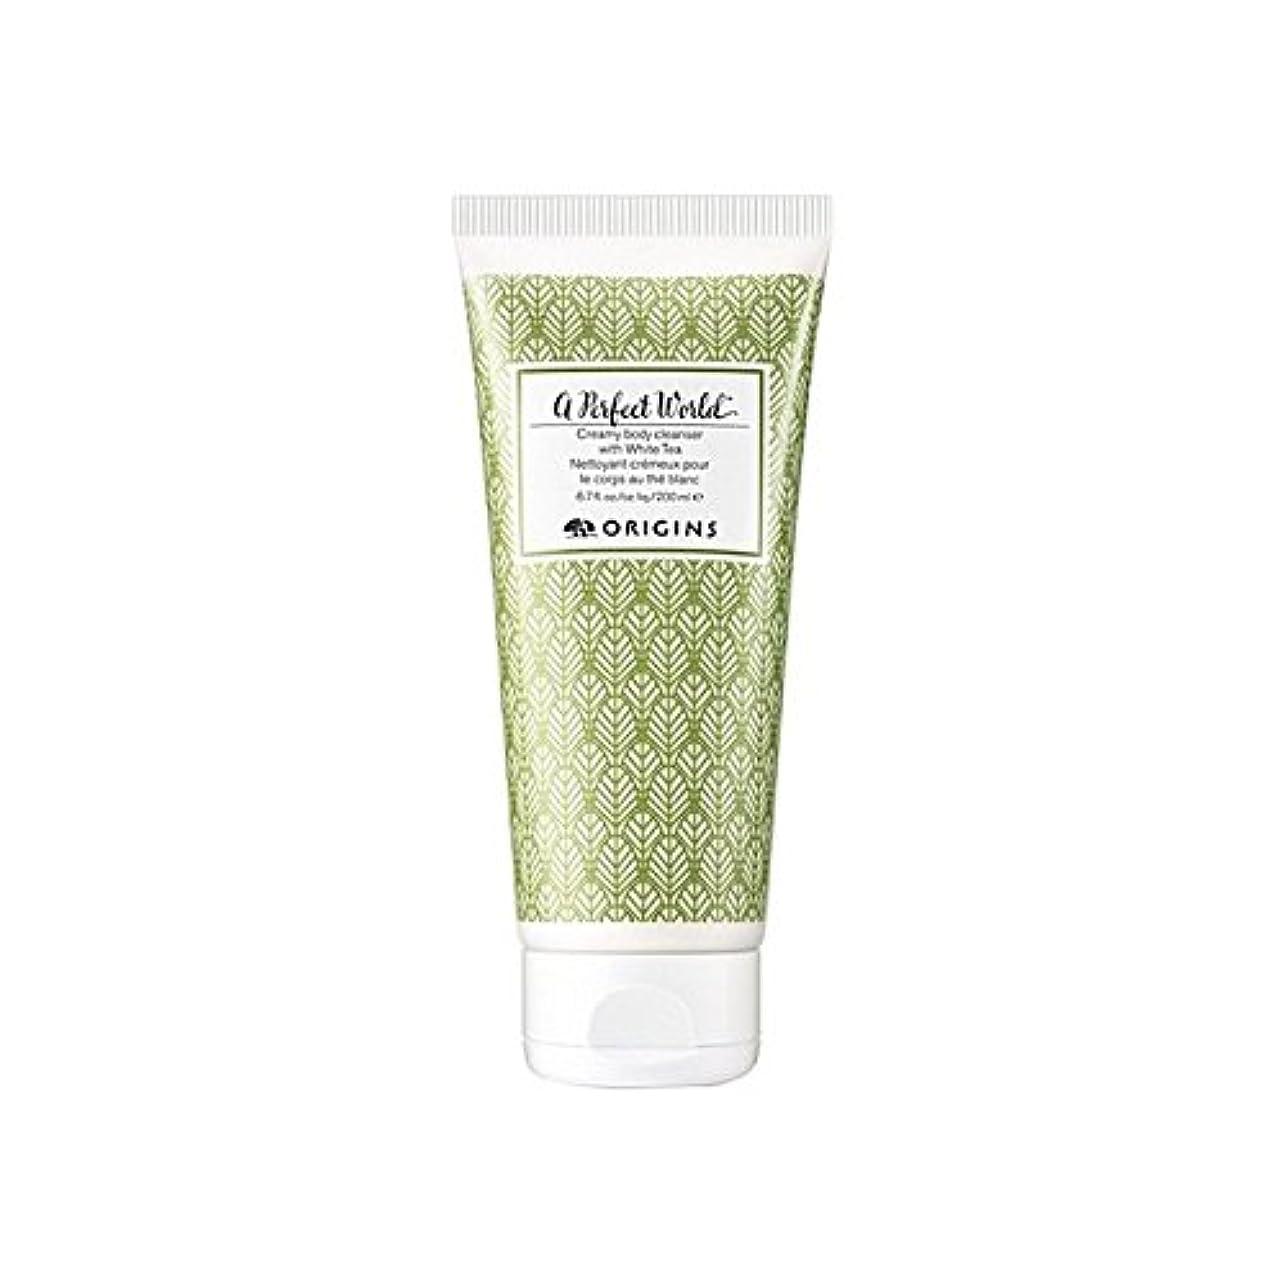 ラベンダーオークランド支出Origins Creamy Body Cleanser 200ml - 起源クリーミーボディクレンザーの200ミリリットル [並行輸入品]